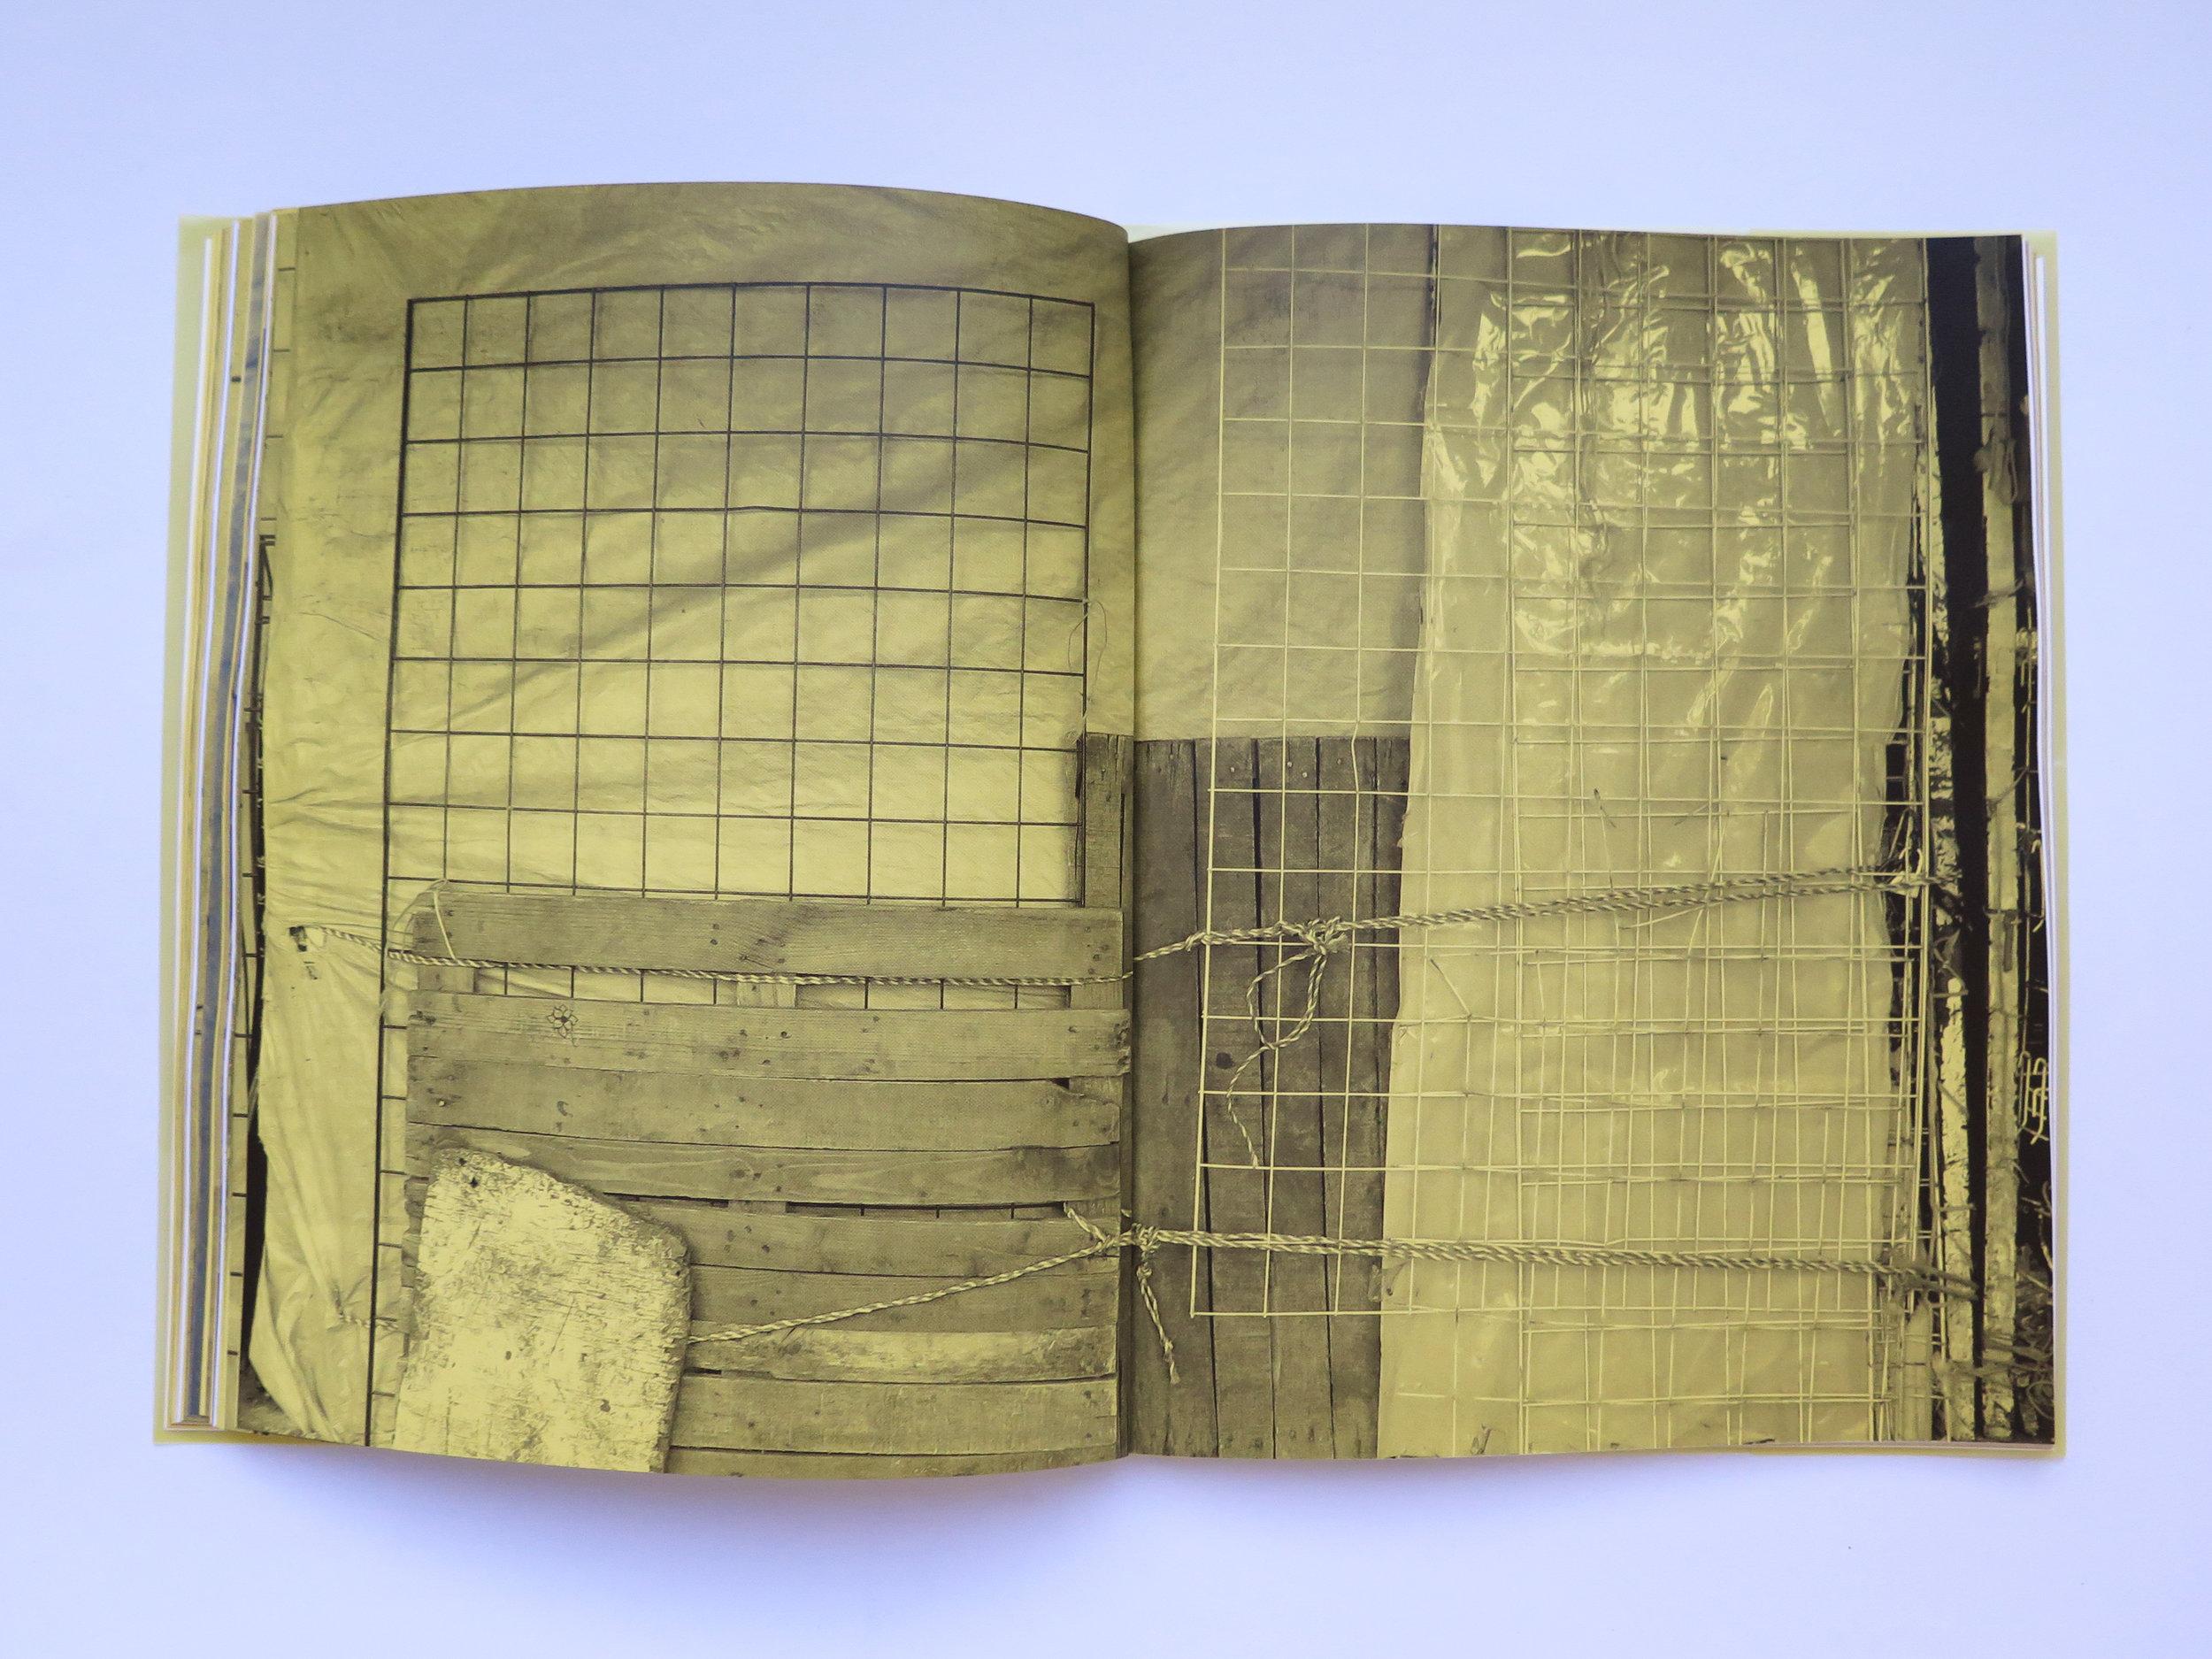 Mano Penalva, Paginas amarillas, foto dentro 5.jpg